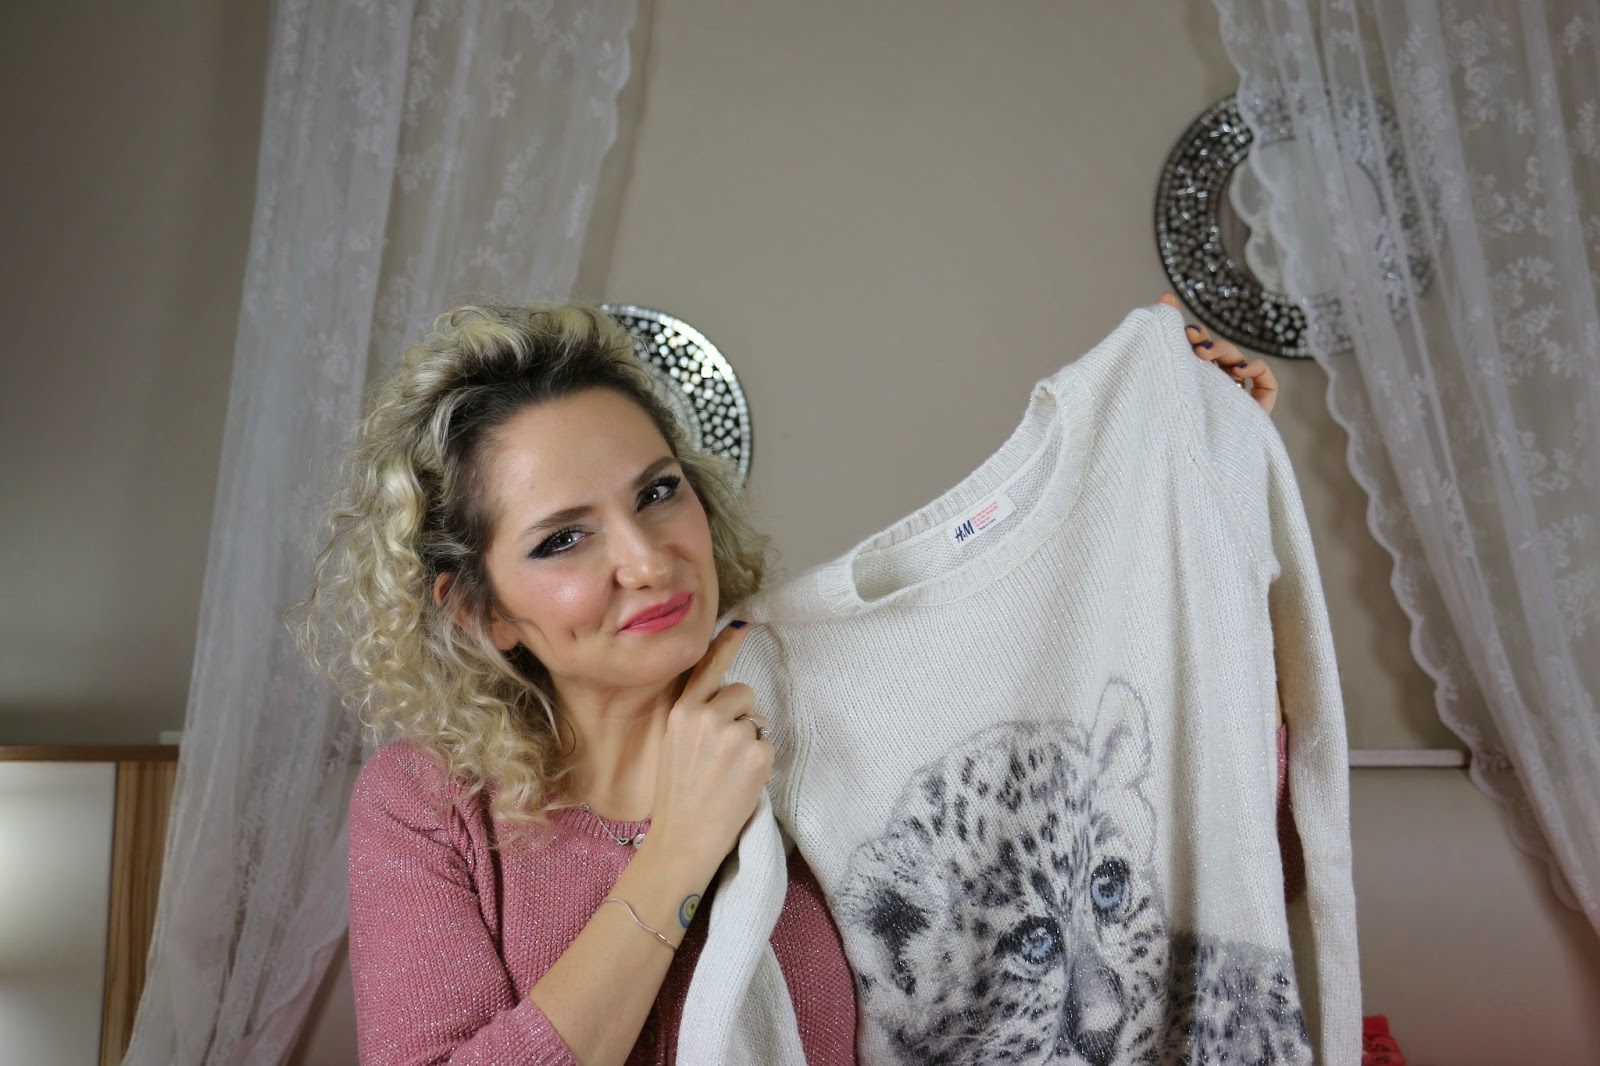 makyaj blogları - turkish youtuber - kozmetik blogları - kazak havası tag